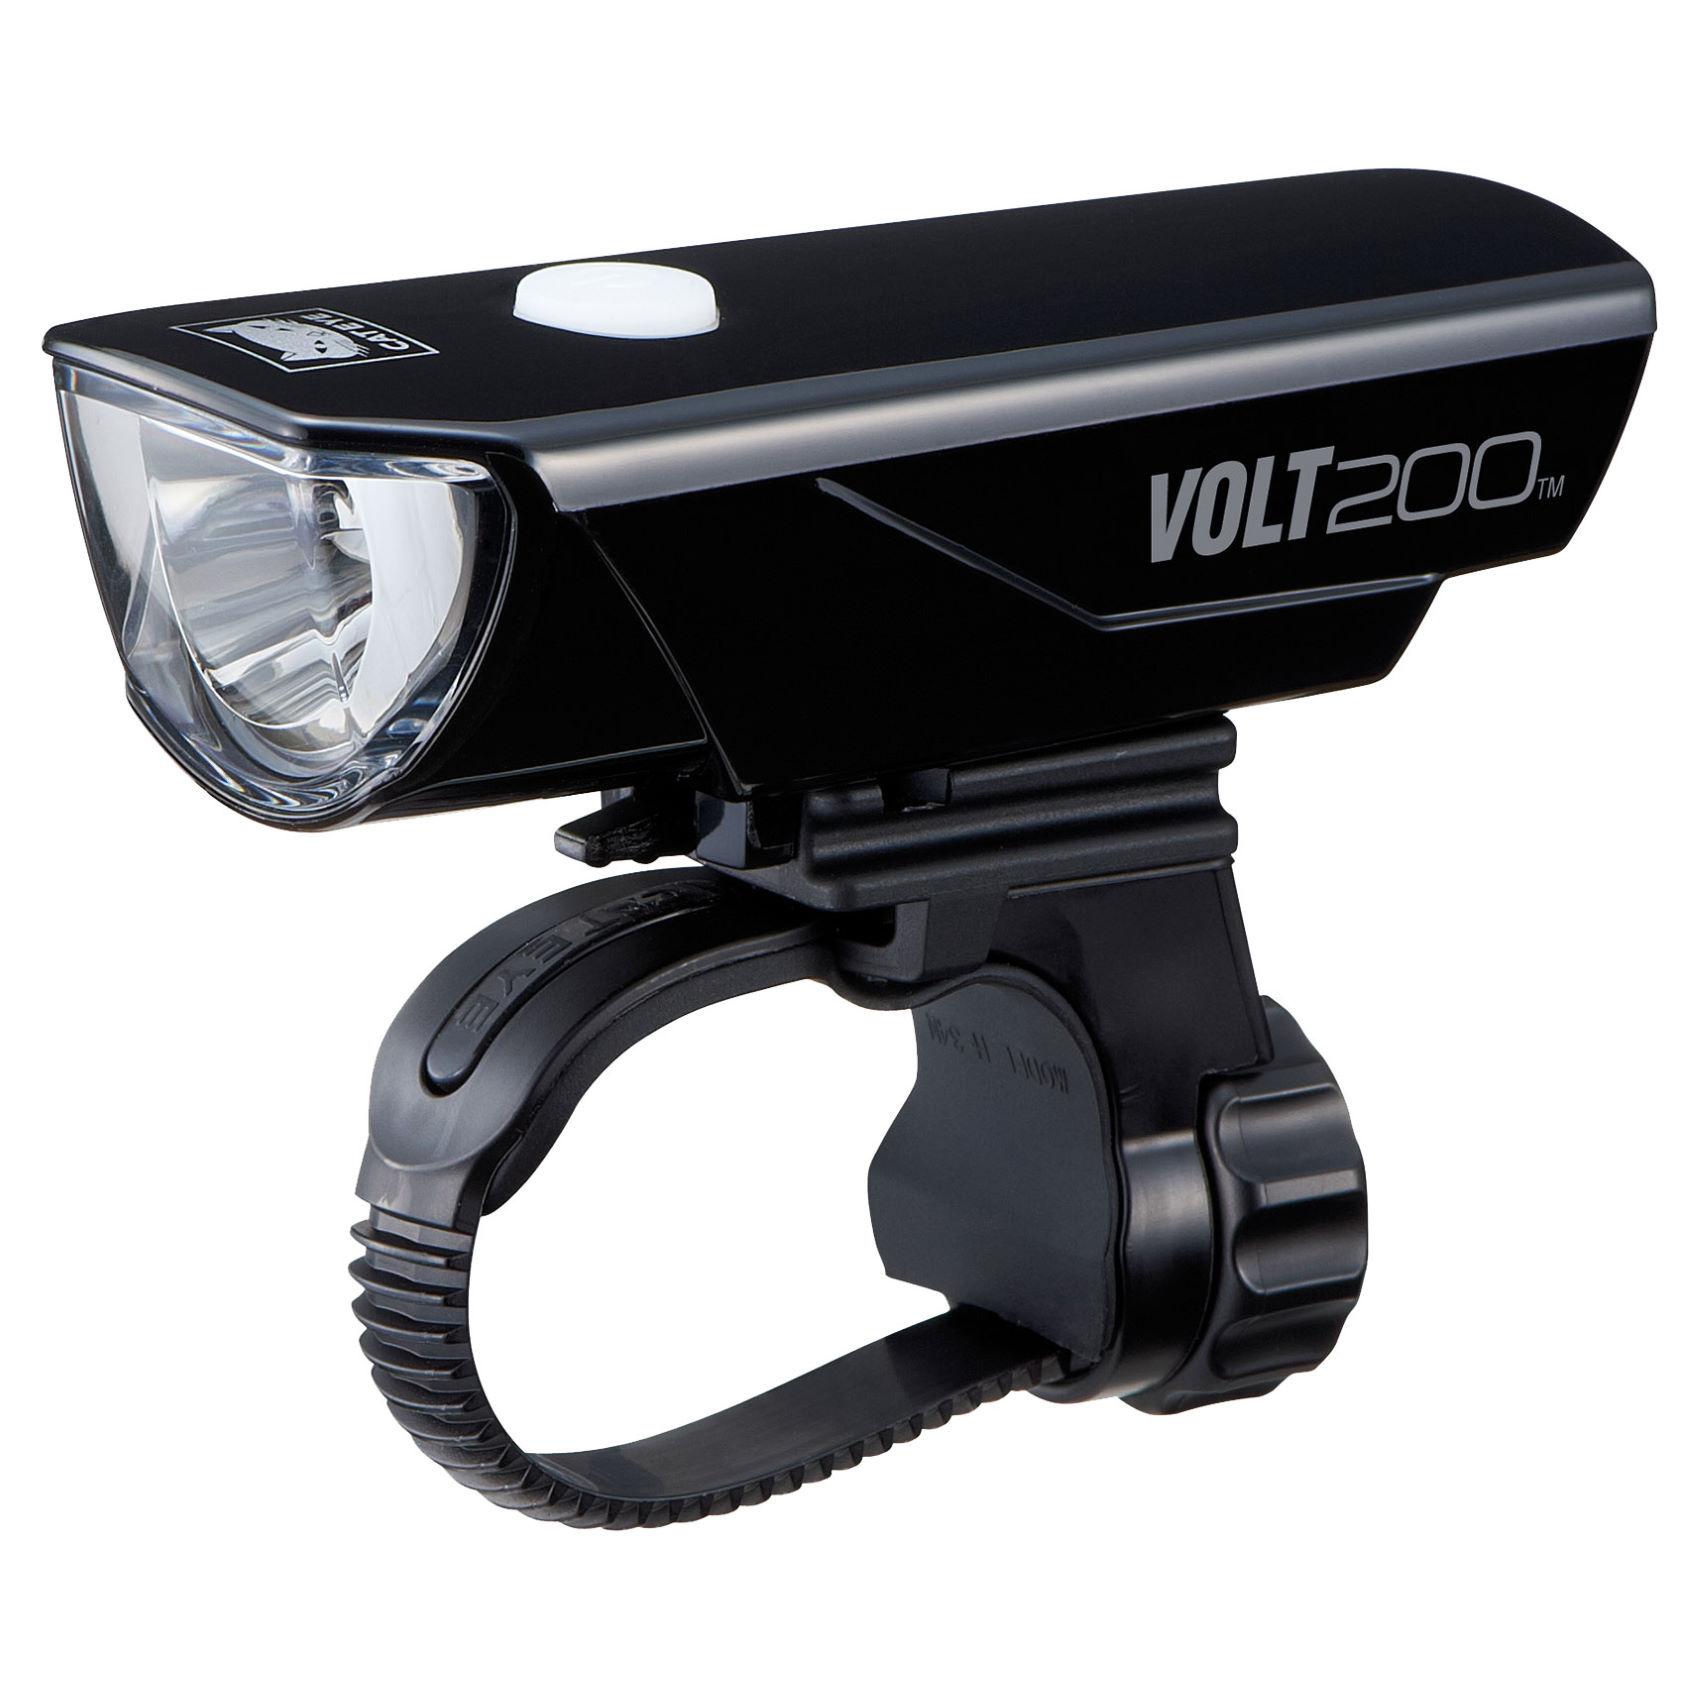 ไฟหน้า Cateye Volt 200